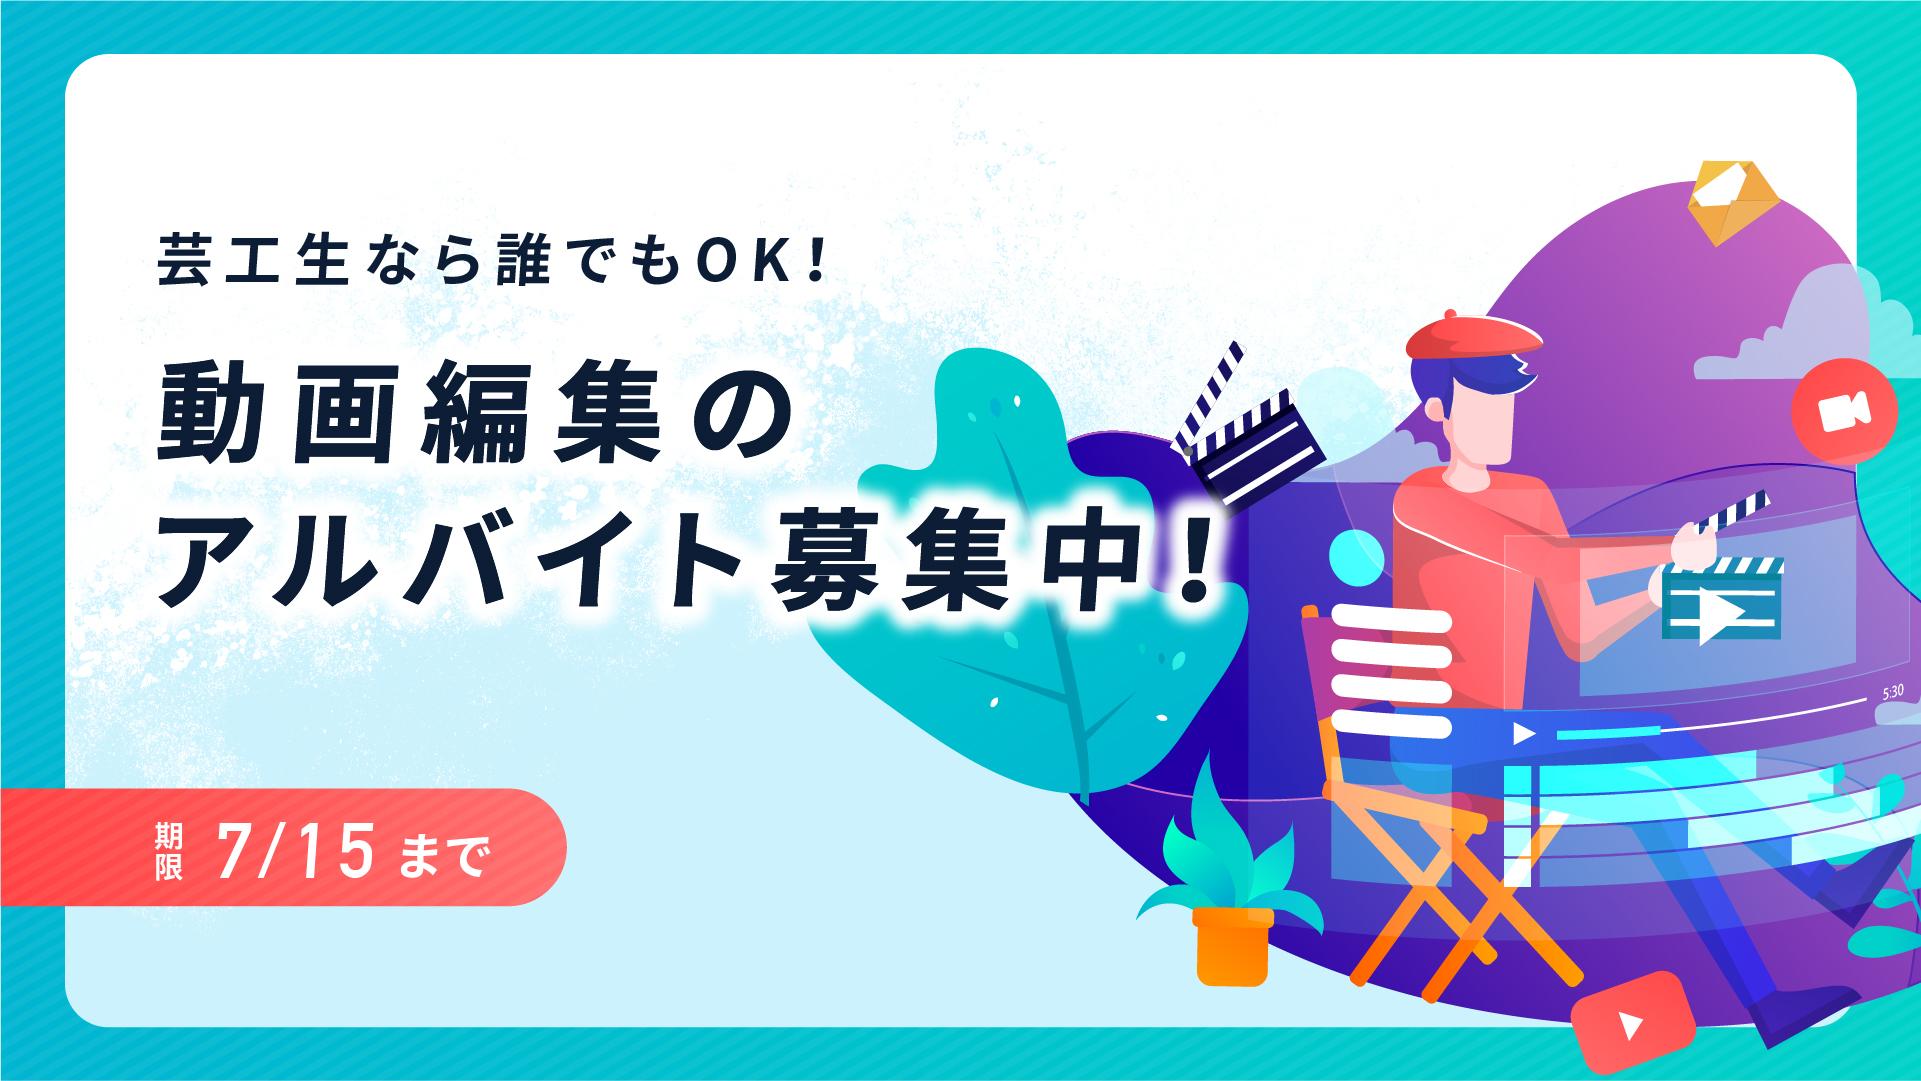 バイト 動画 編集